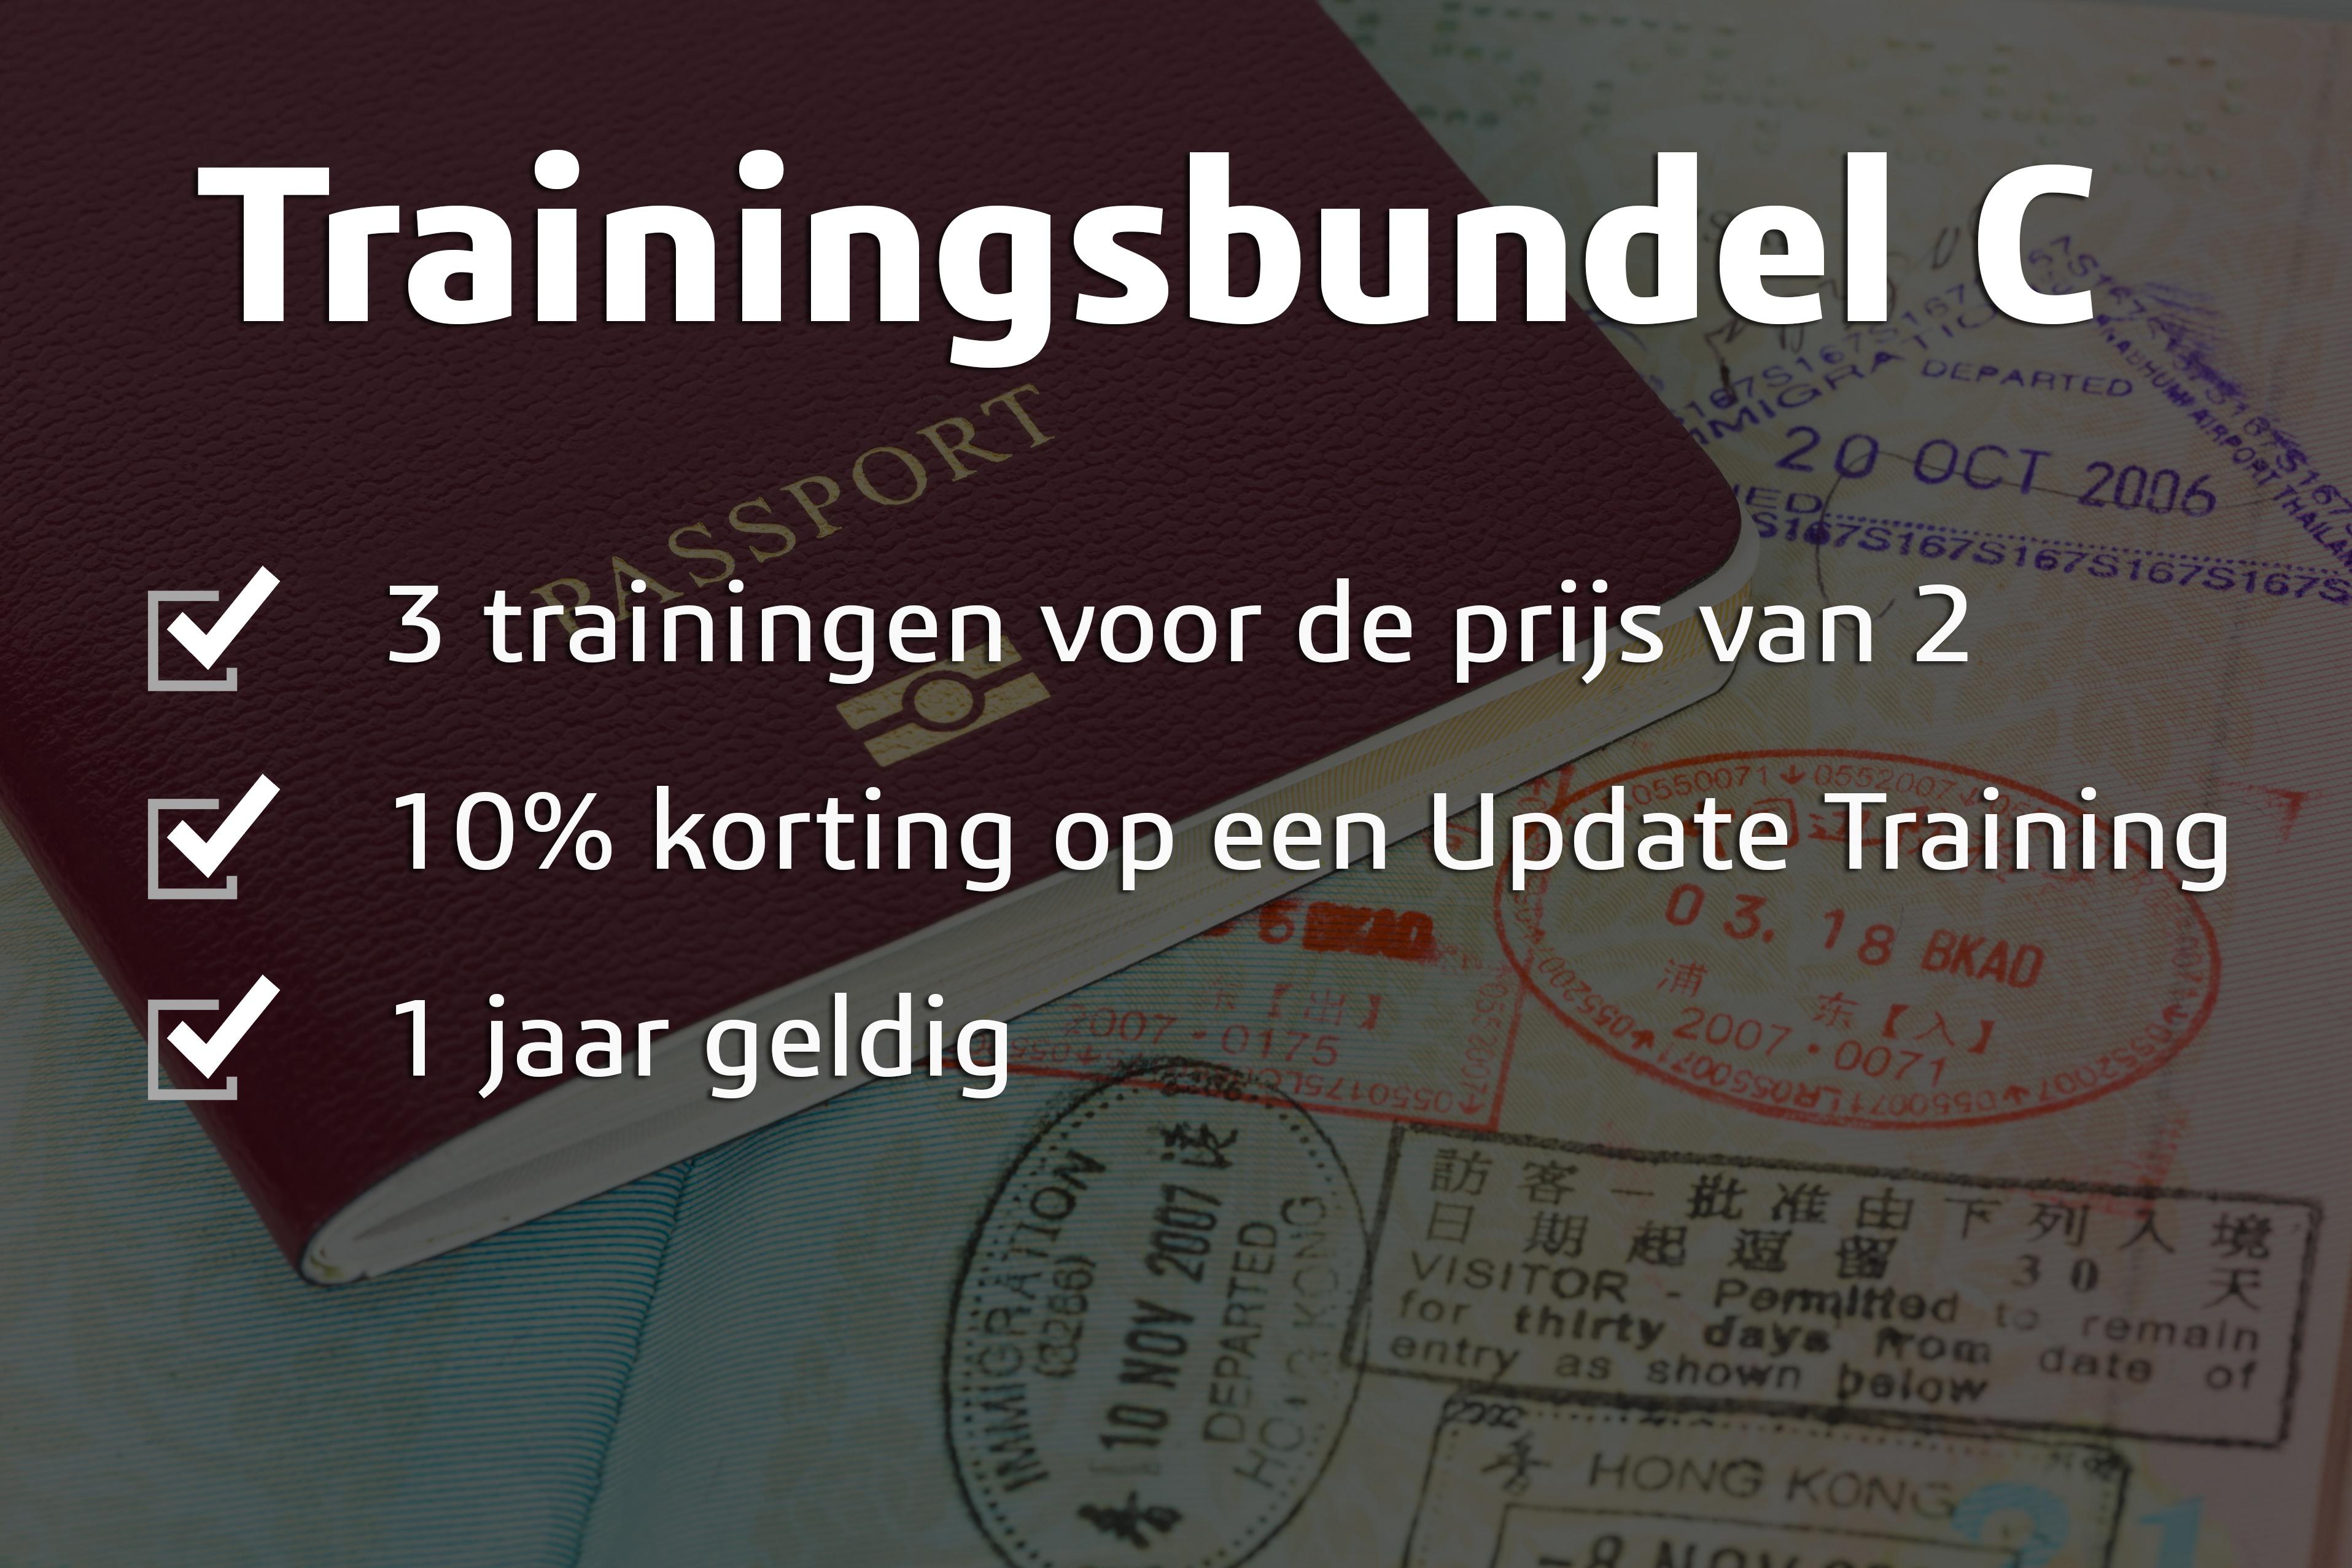 Trainingsbundel C V4.jpg